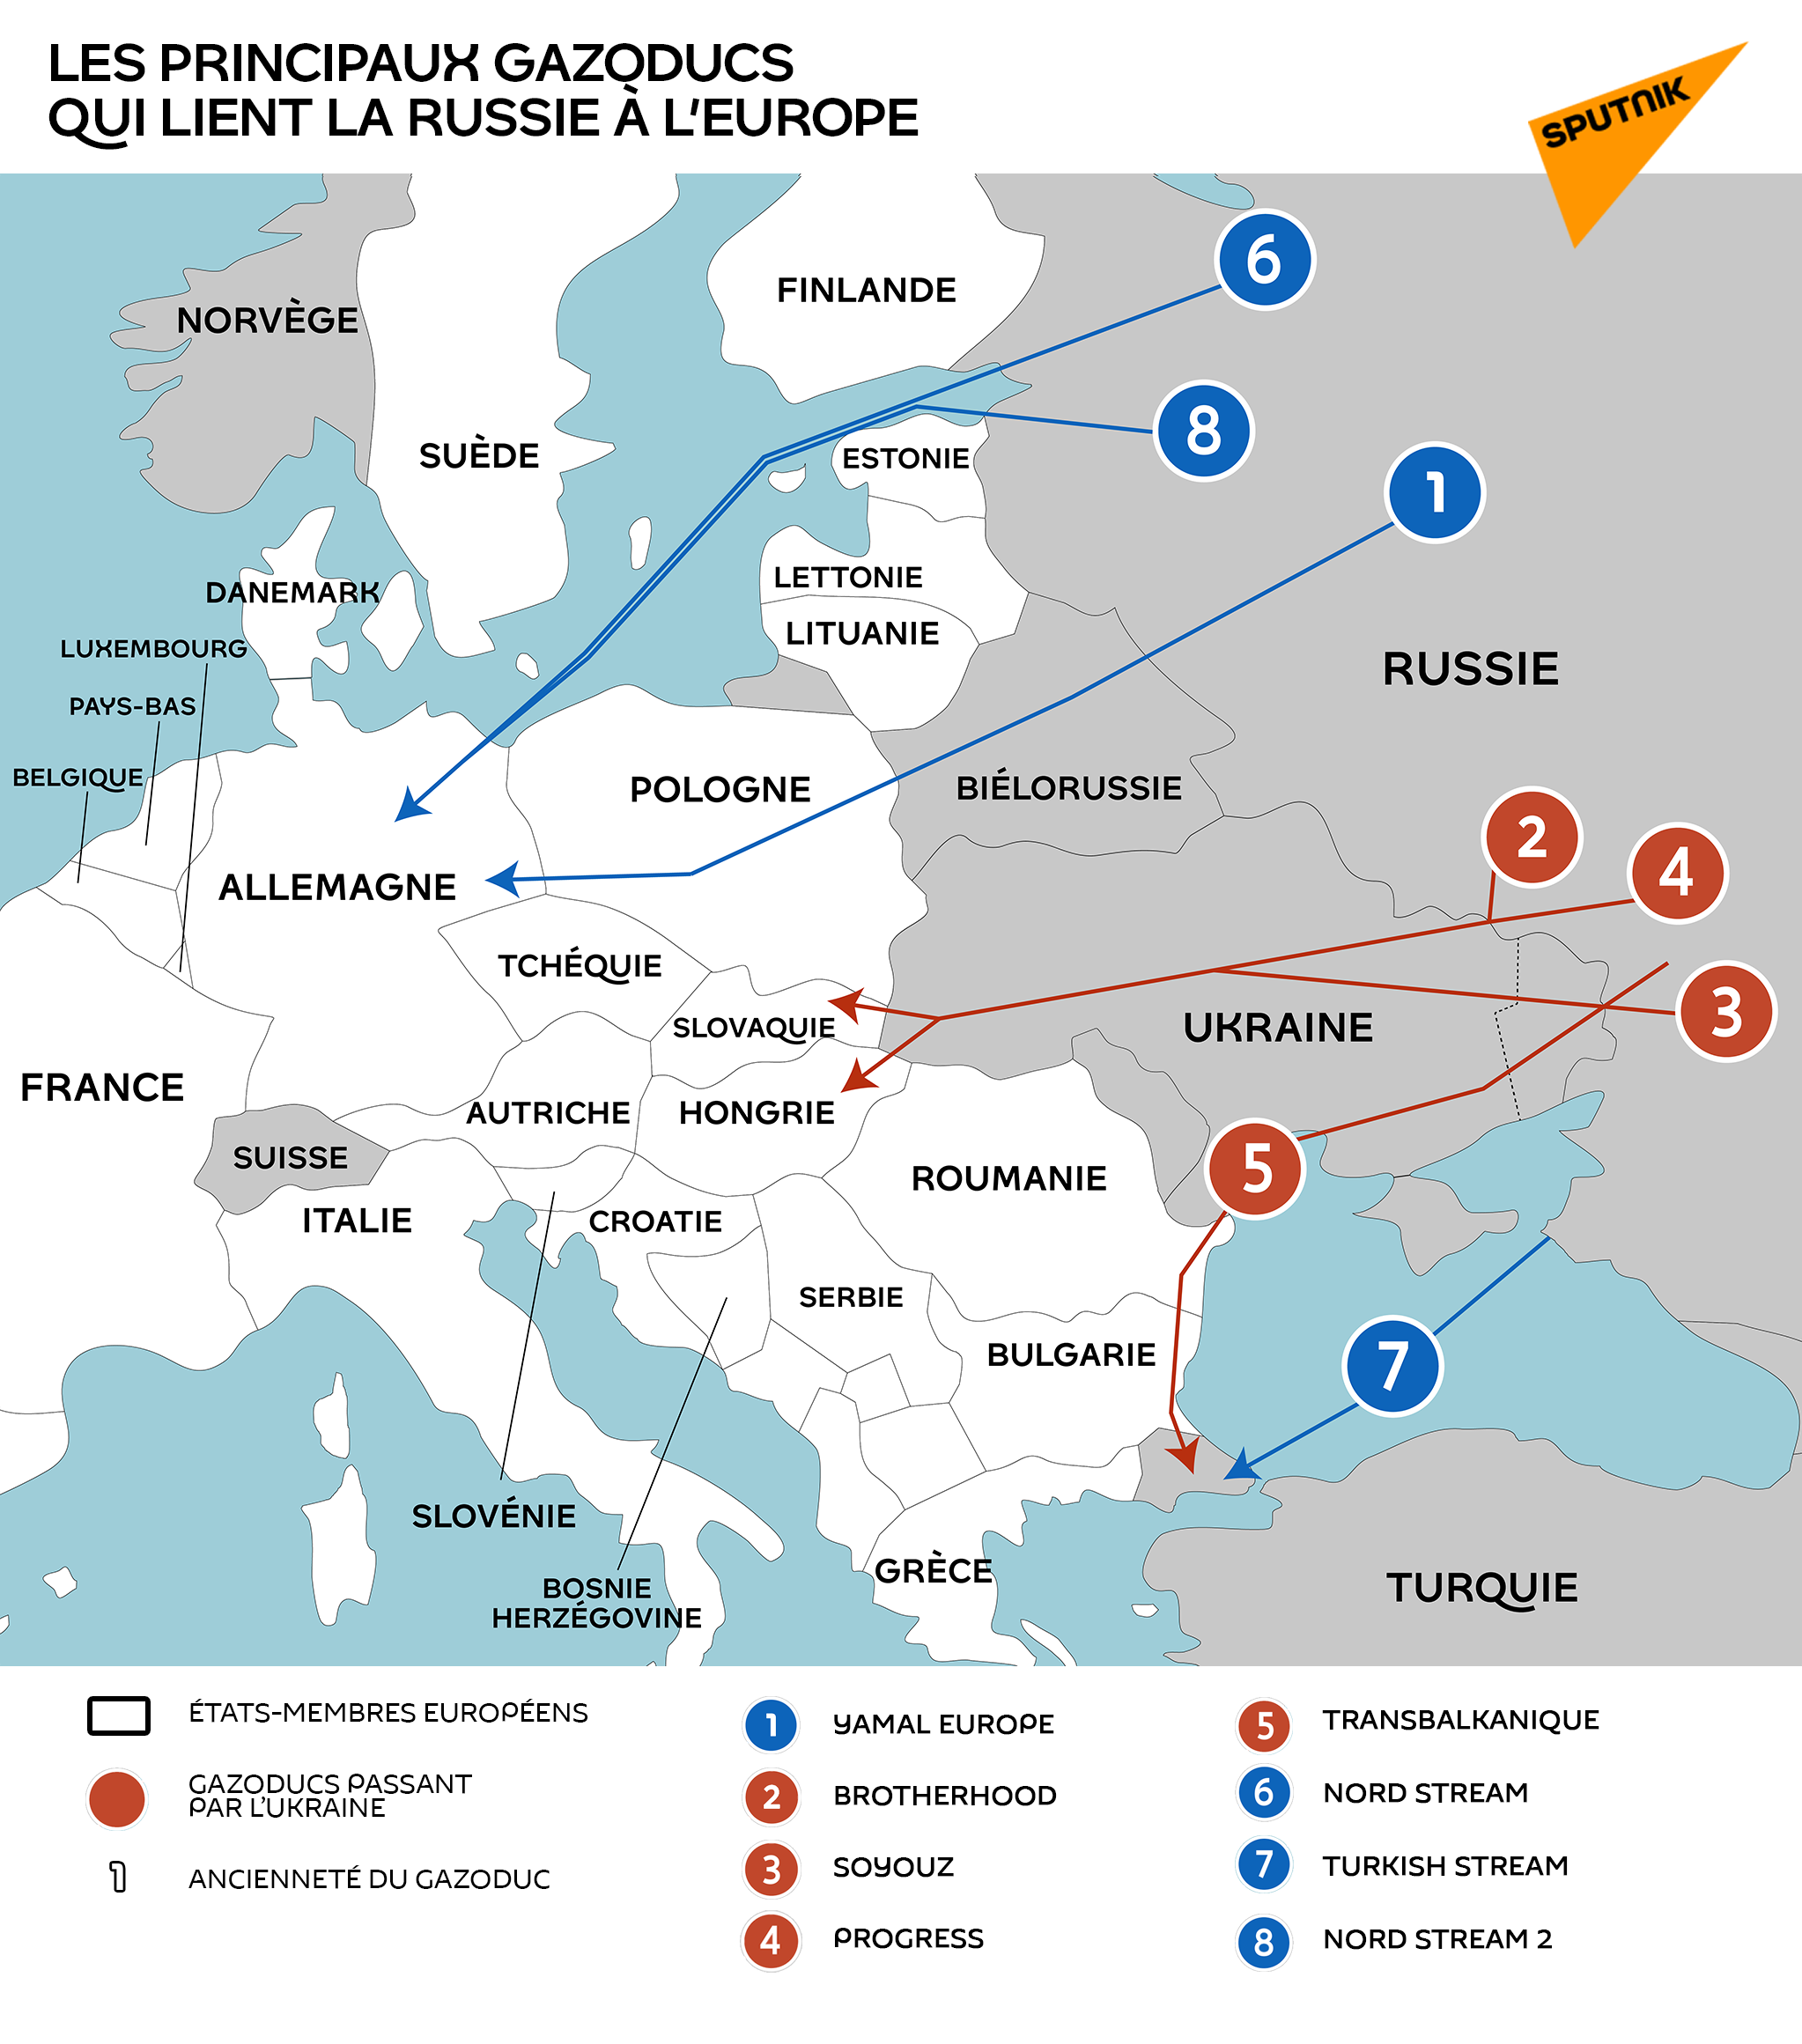 Tronçons principaux des gazoducs entre la Russie et l'UE. Ne sont pas mentionnés sur la carte les embranchements ou extensions desservant chaque pays.  - Sputnik France